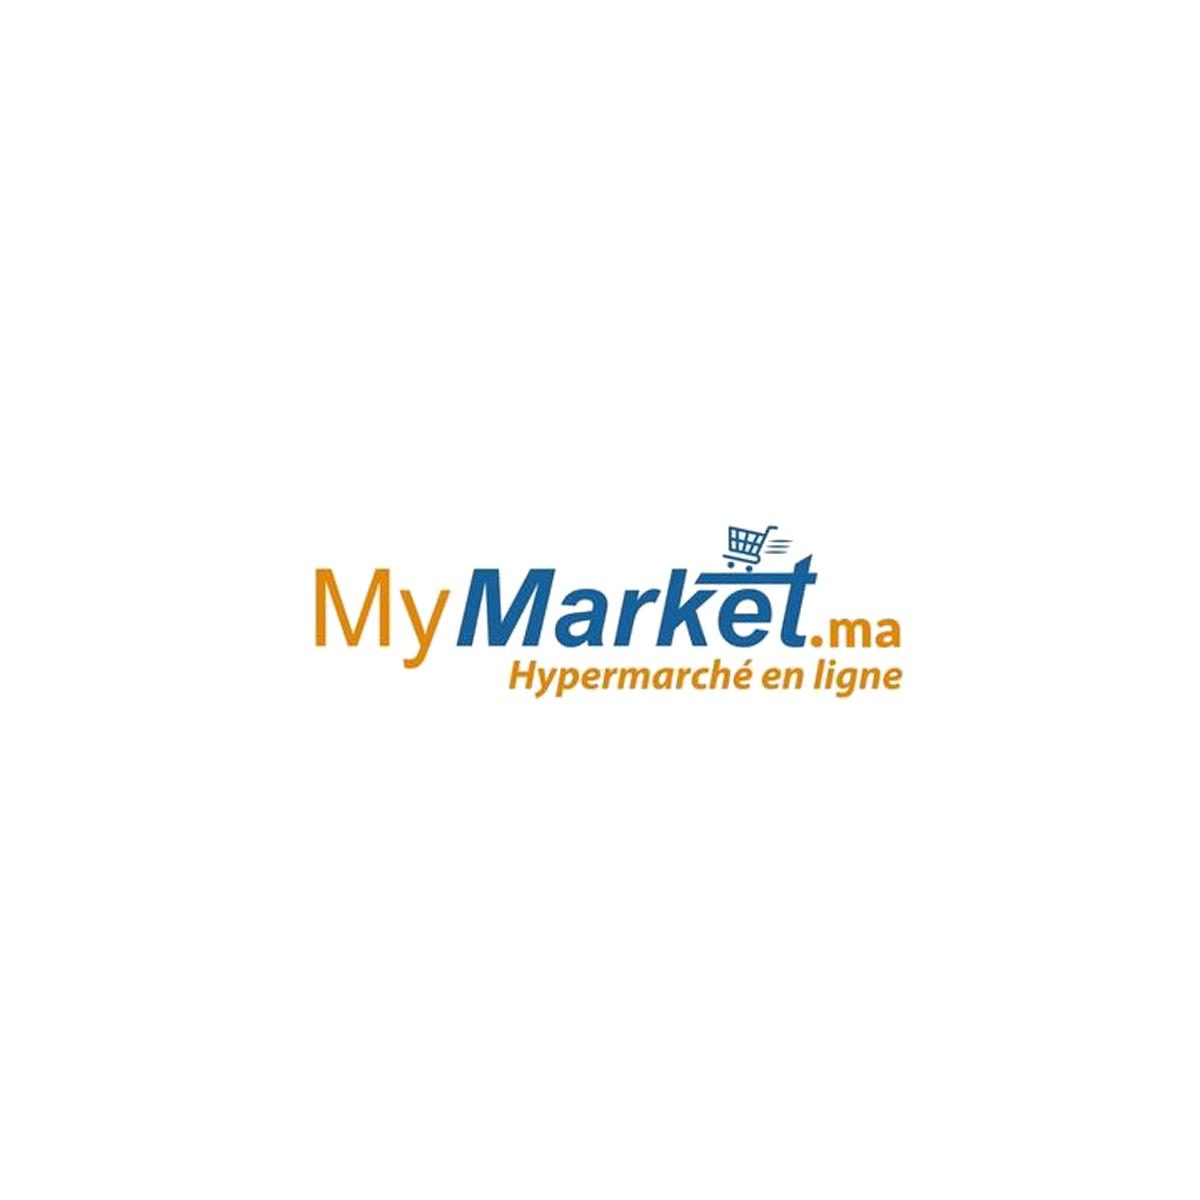 Mymarket.ma